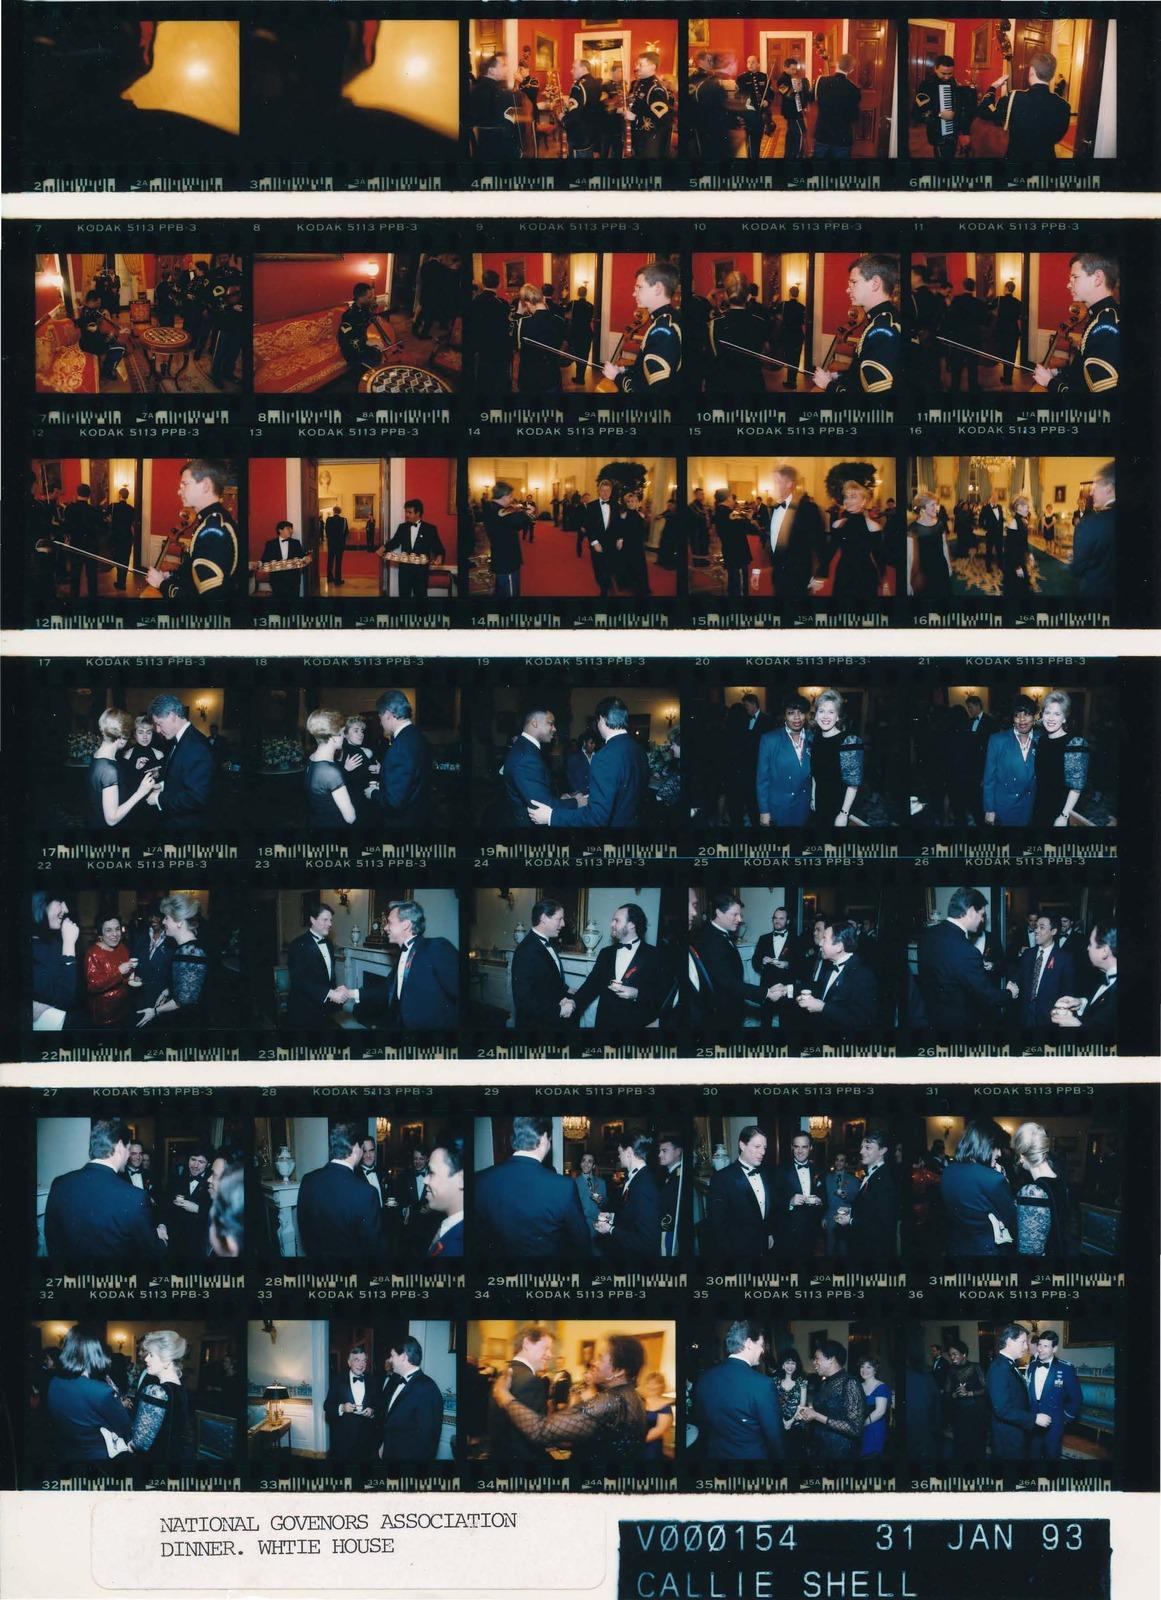 V000154, January 31, 1993